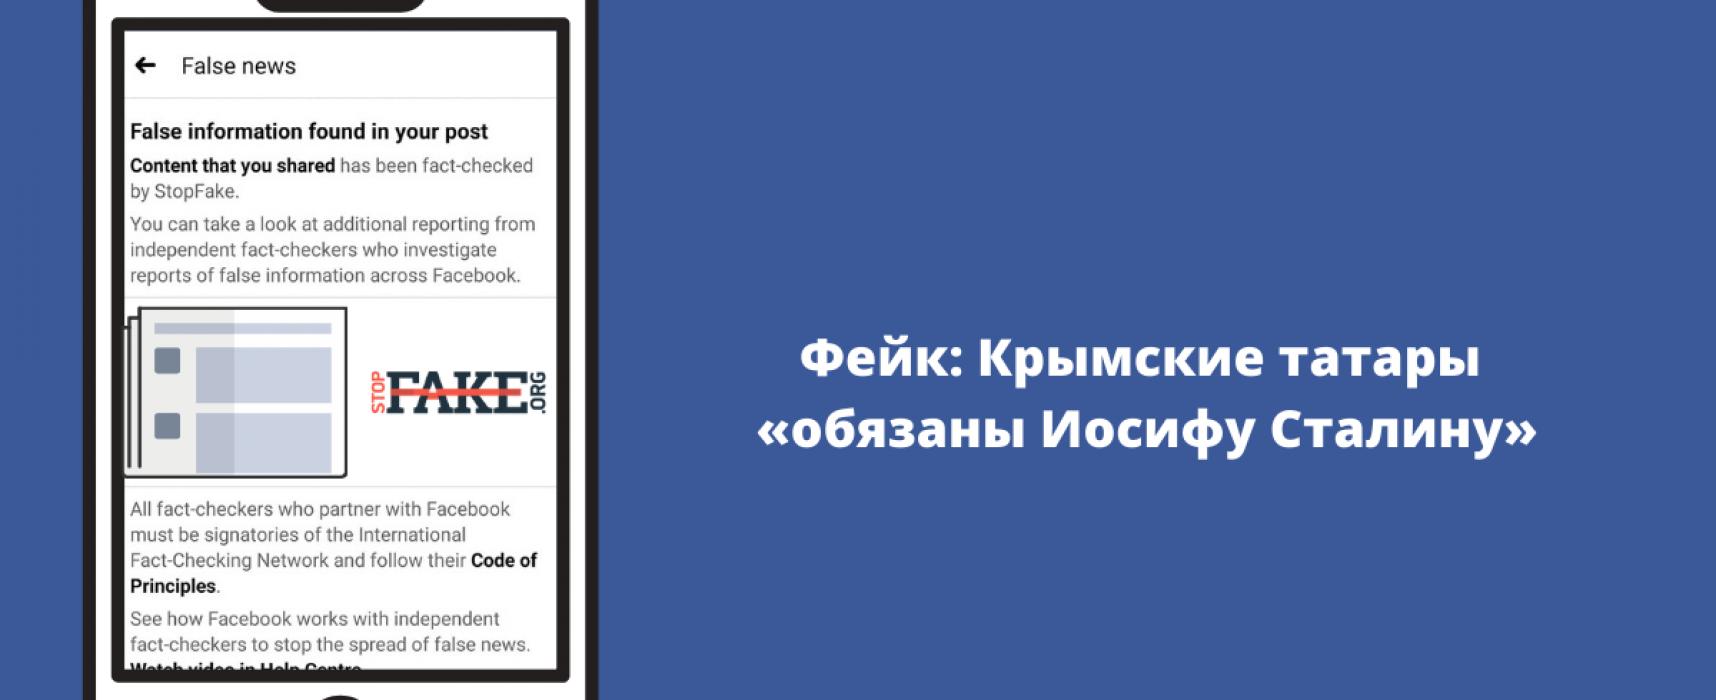 Фейк: Крымские татары «обязаны Иосифу Сталину»